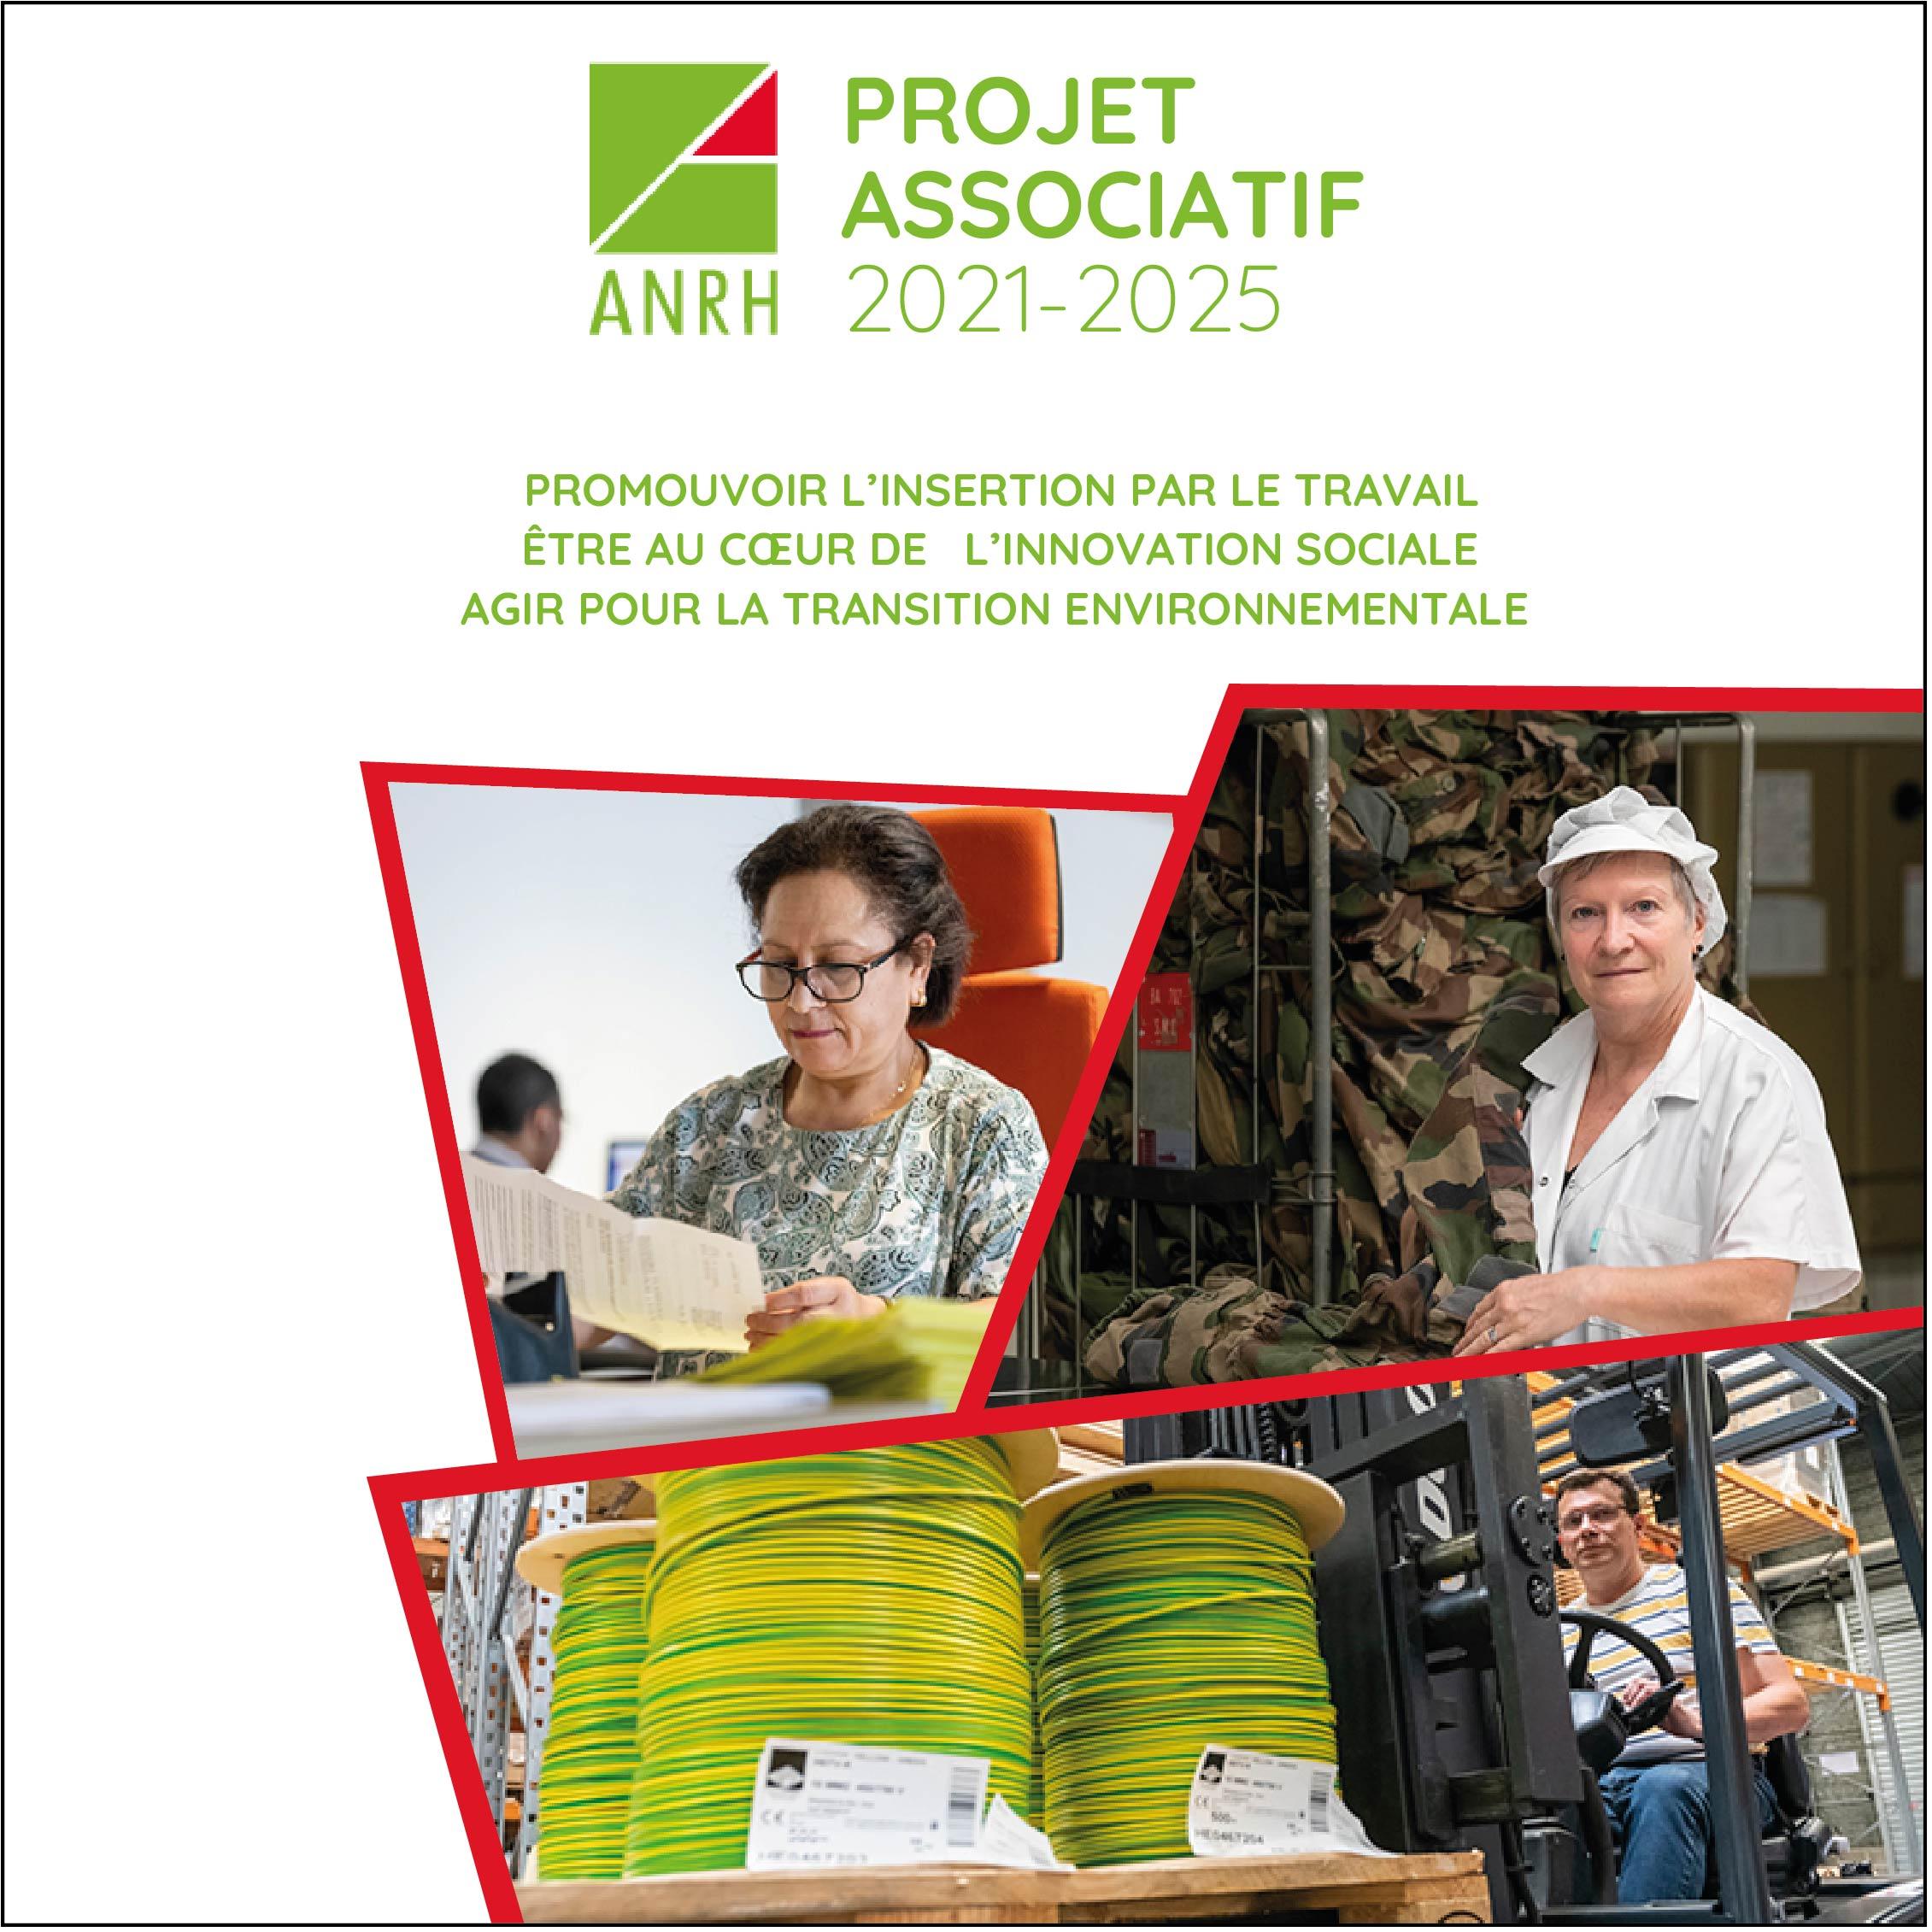 Nouveau projet associatif ANRH version complète